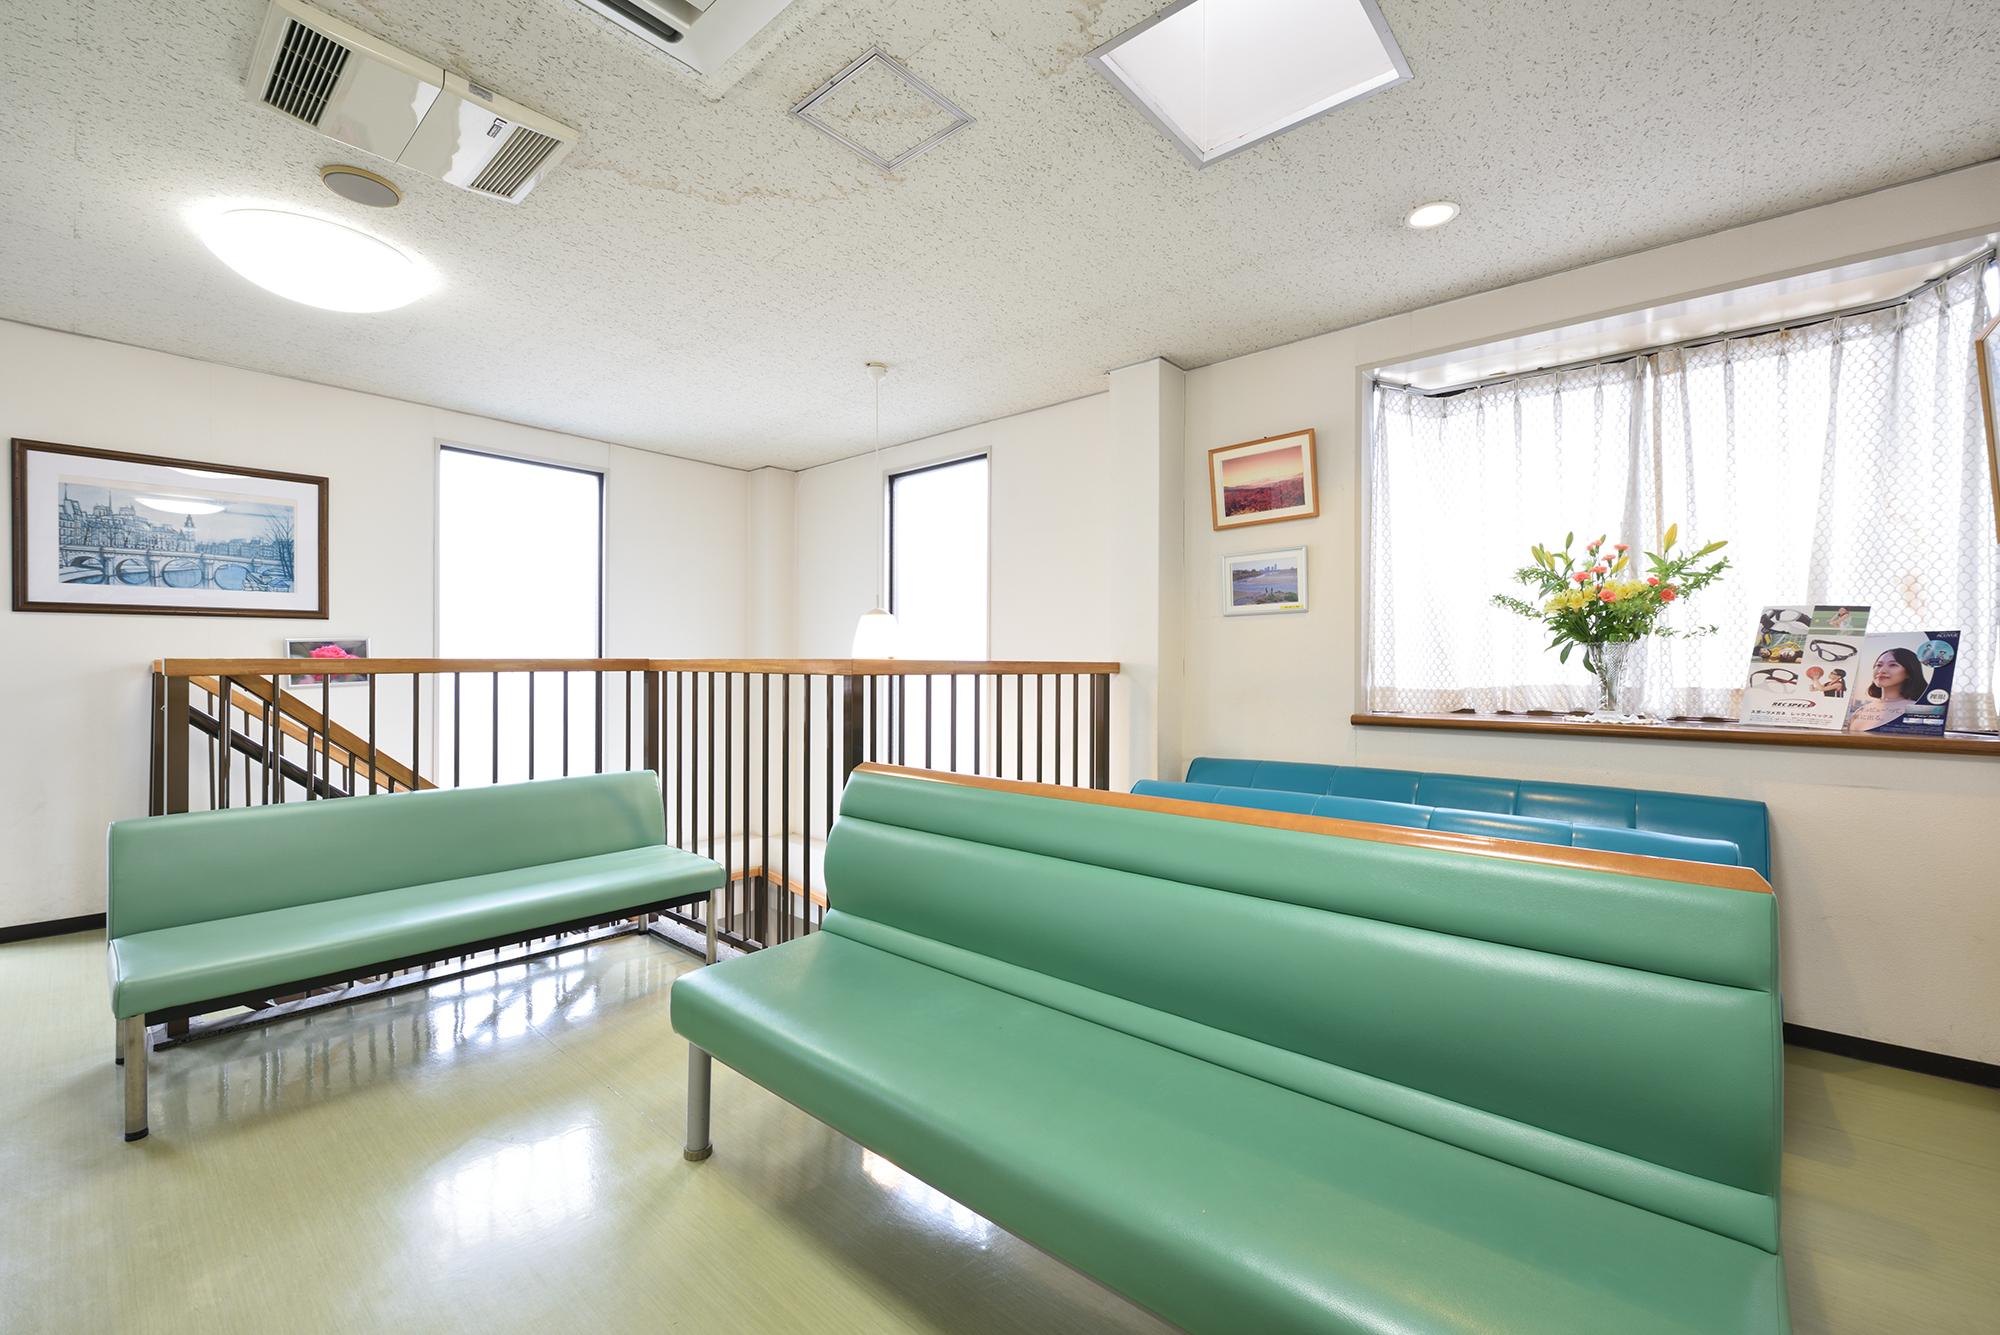 松生眼科医院 検査スペース